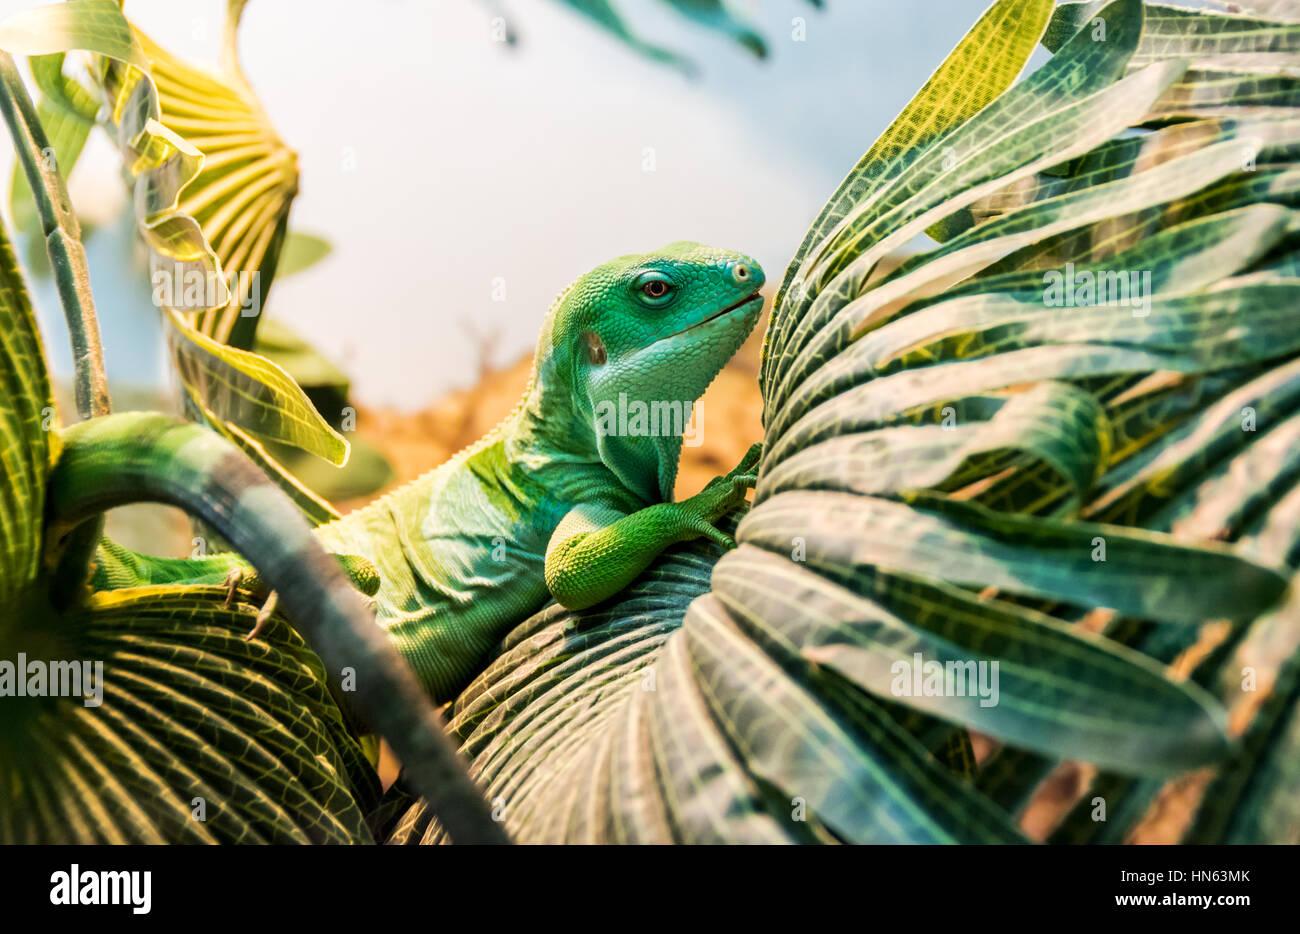 fiji banded iguana - Stock Image